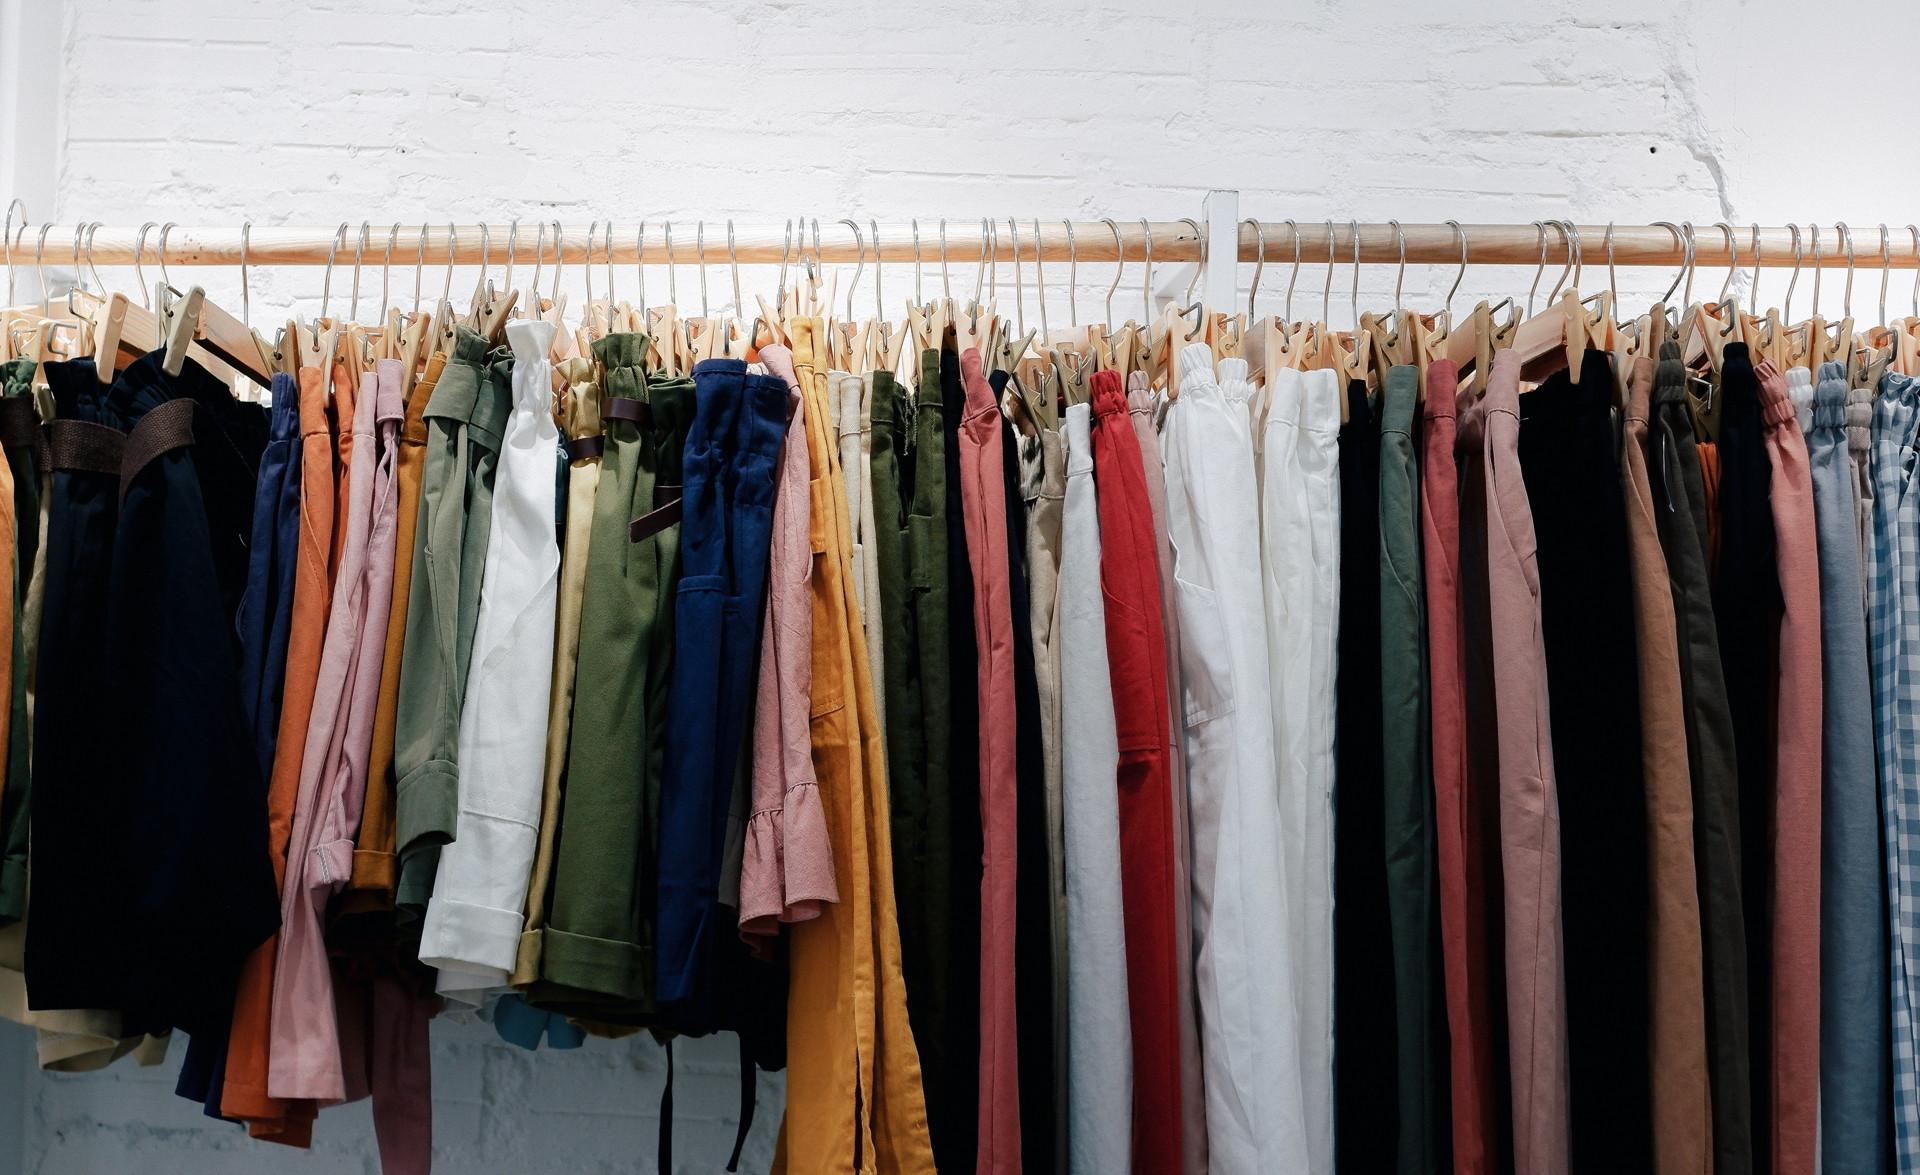 Bán quần áo second hand là cách kiếm tiền nhanh cho các bạn say mê thời trang